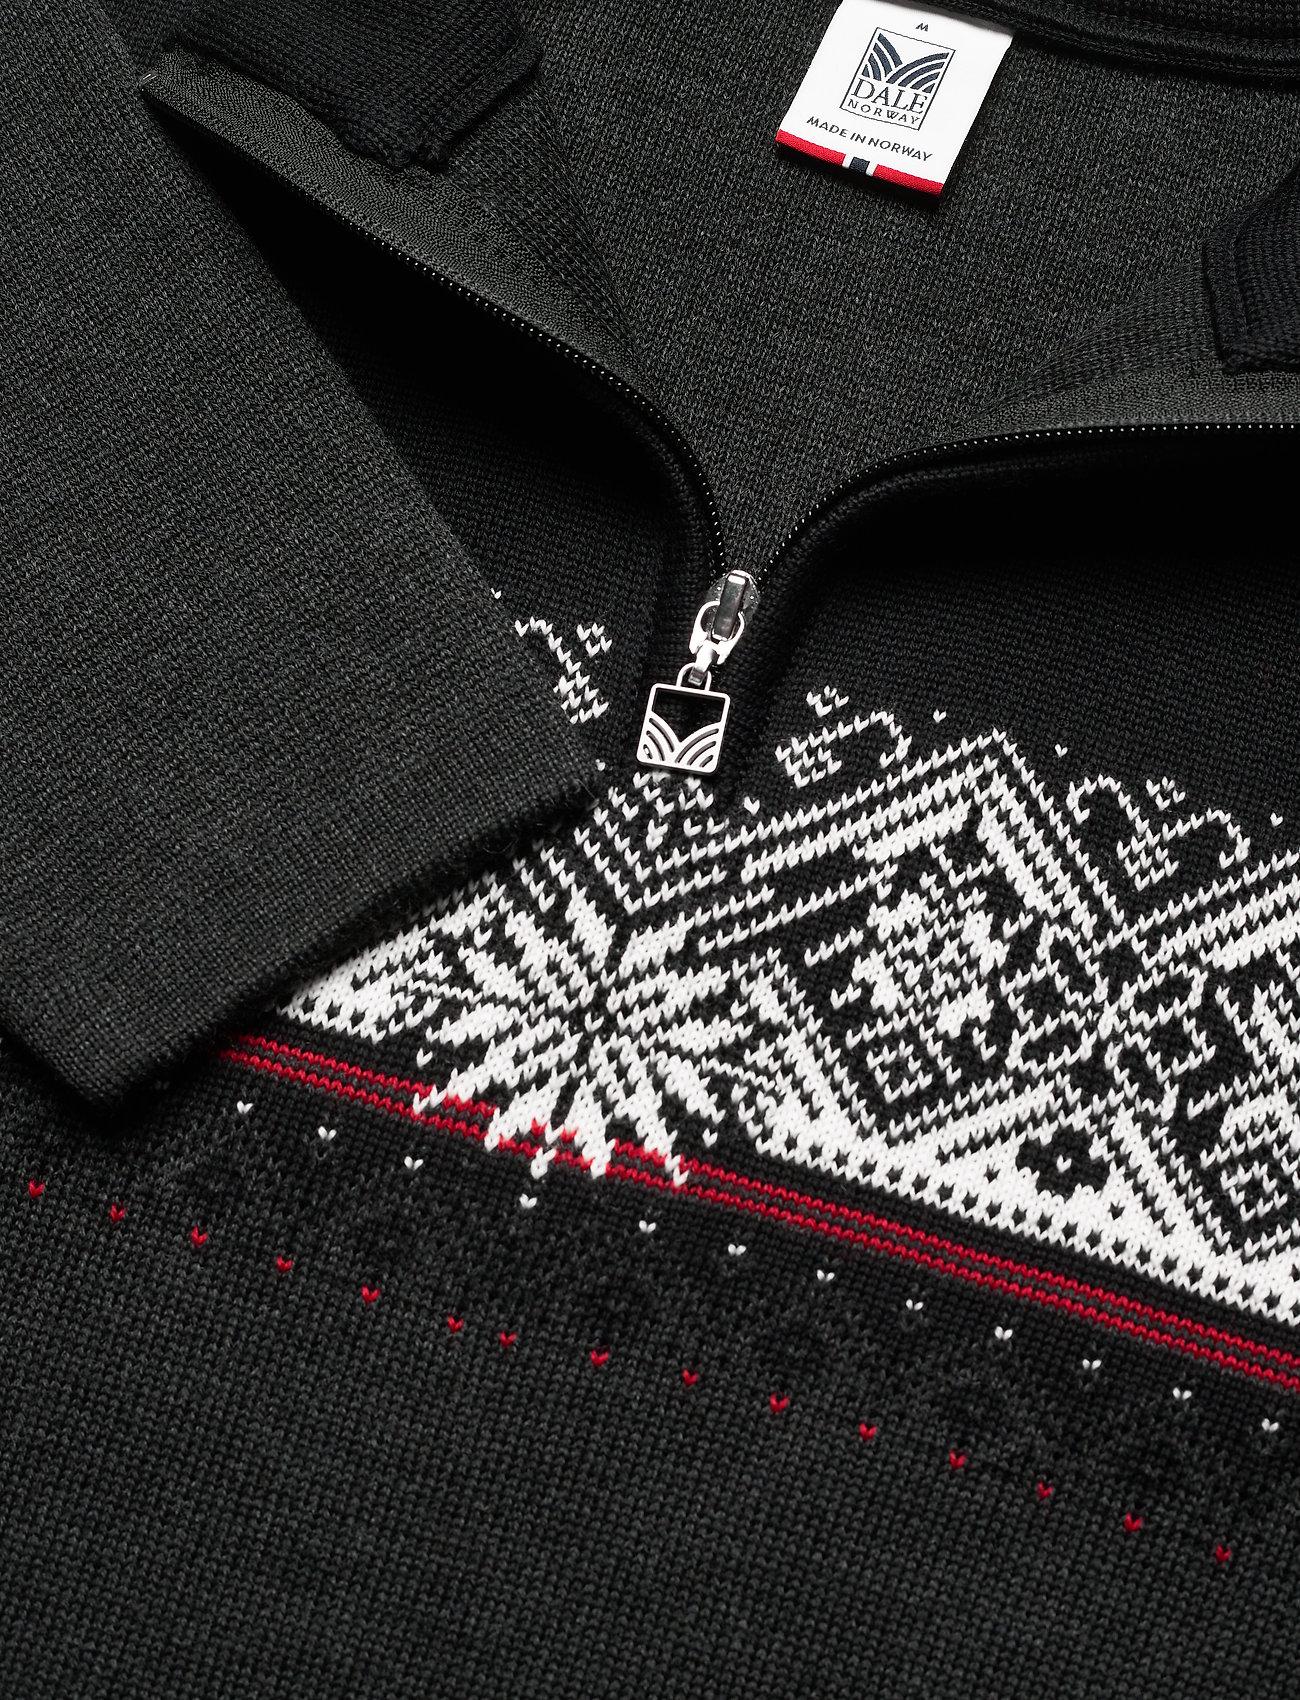 Dale of Norway Moritz Masc Sweater - Strikkevarer DARKCHARCOAL/RASPBERRY/BLACK - Menn Klær